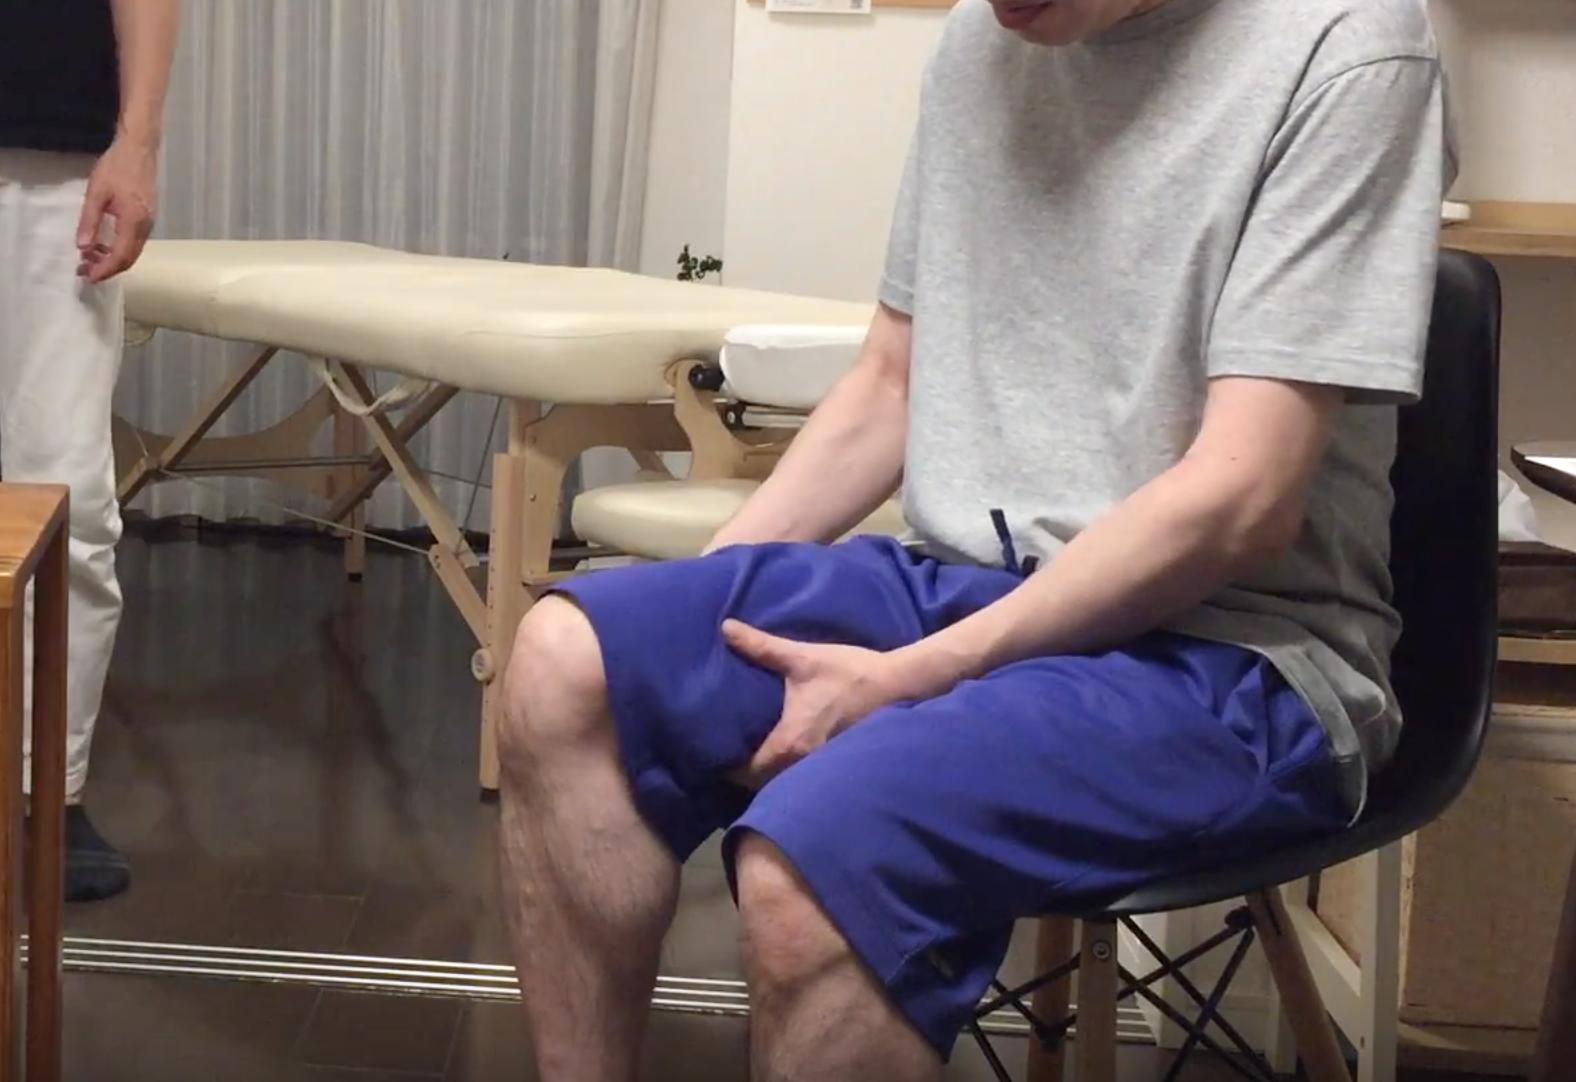 デスクワーク中の腰痛を減らすセルフケアとポイント